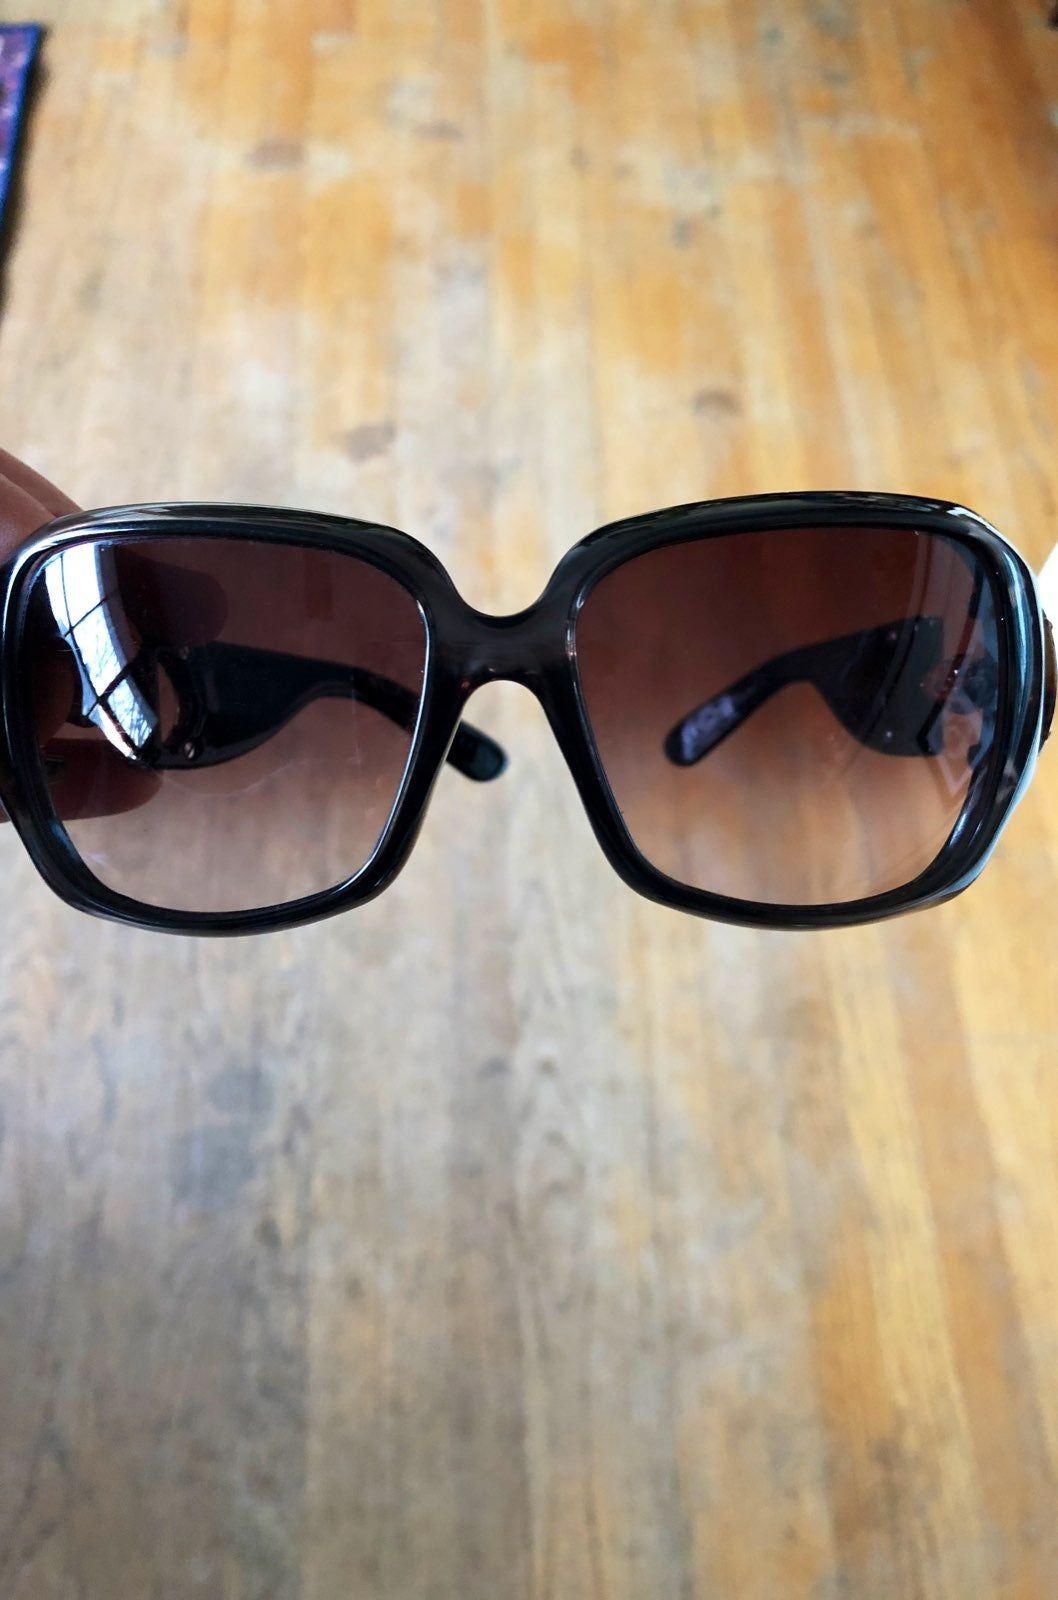 Gucci sunglasses no case dark olive green with